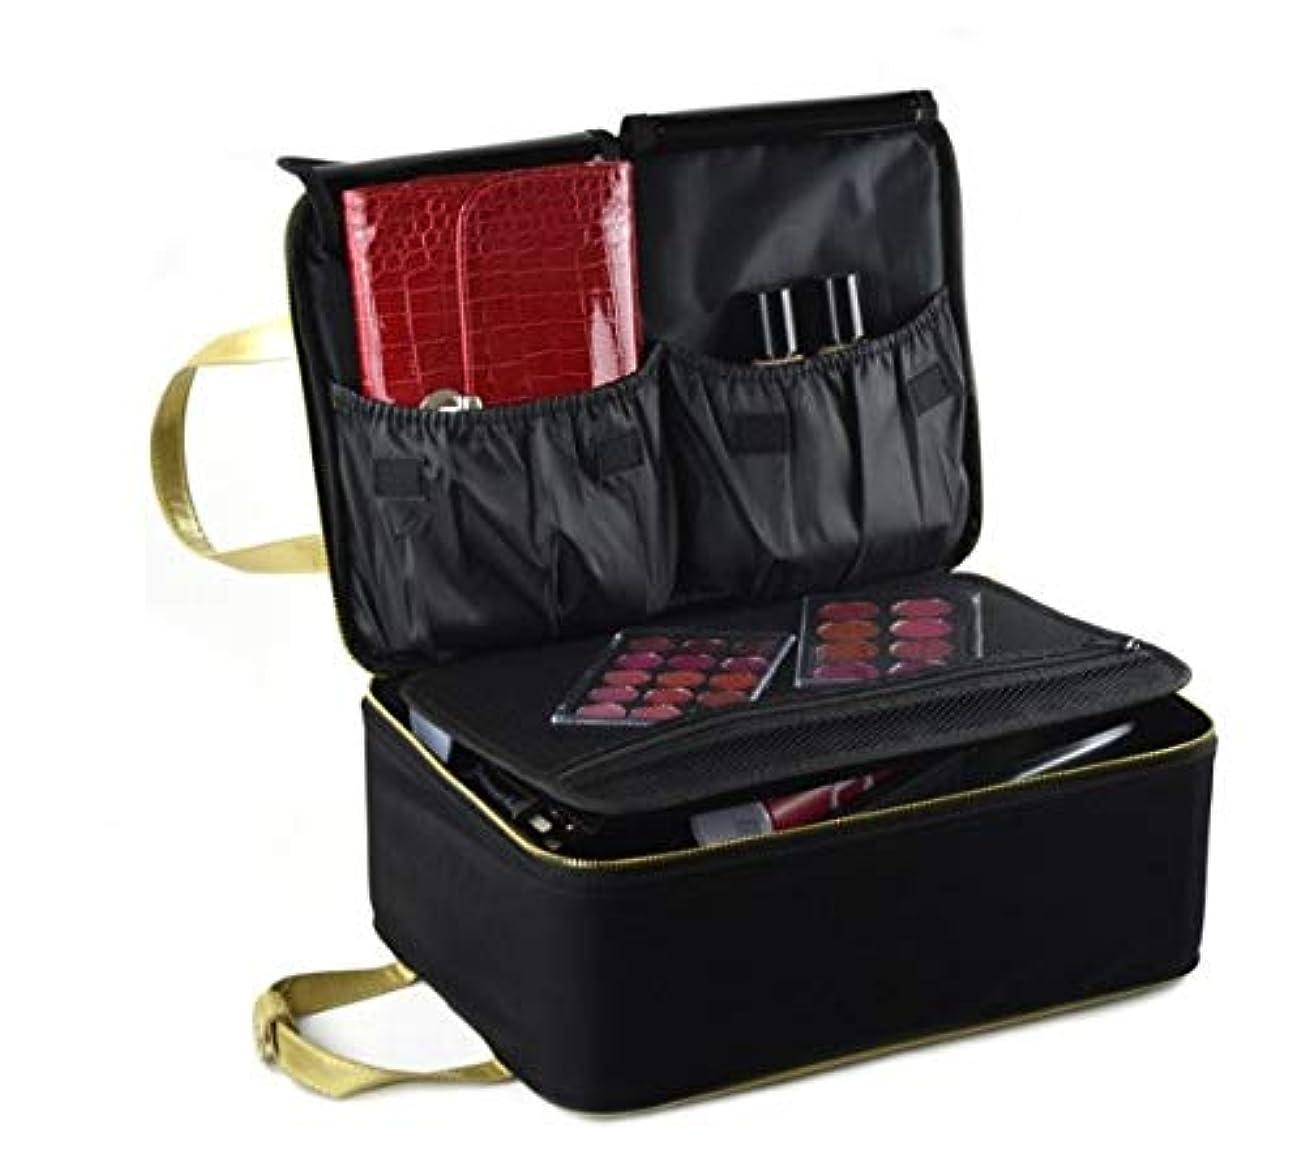 化粧箱、黒い携帯用化粧品の箱、携帯用旅行化粧品の箱、美の釘の宝石類の収納箱 (Size : S)